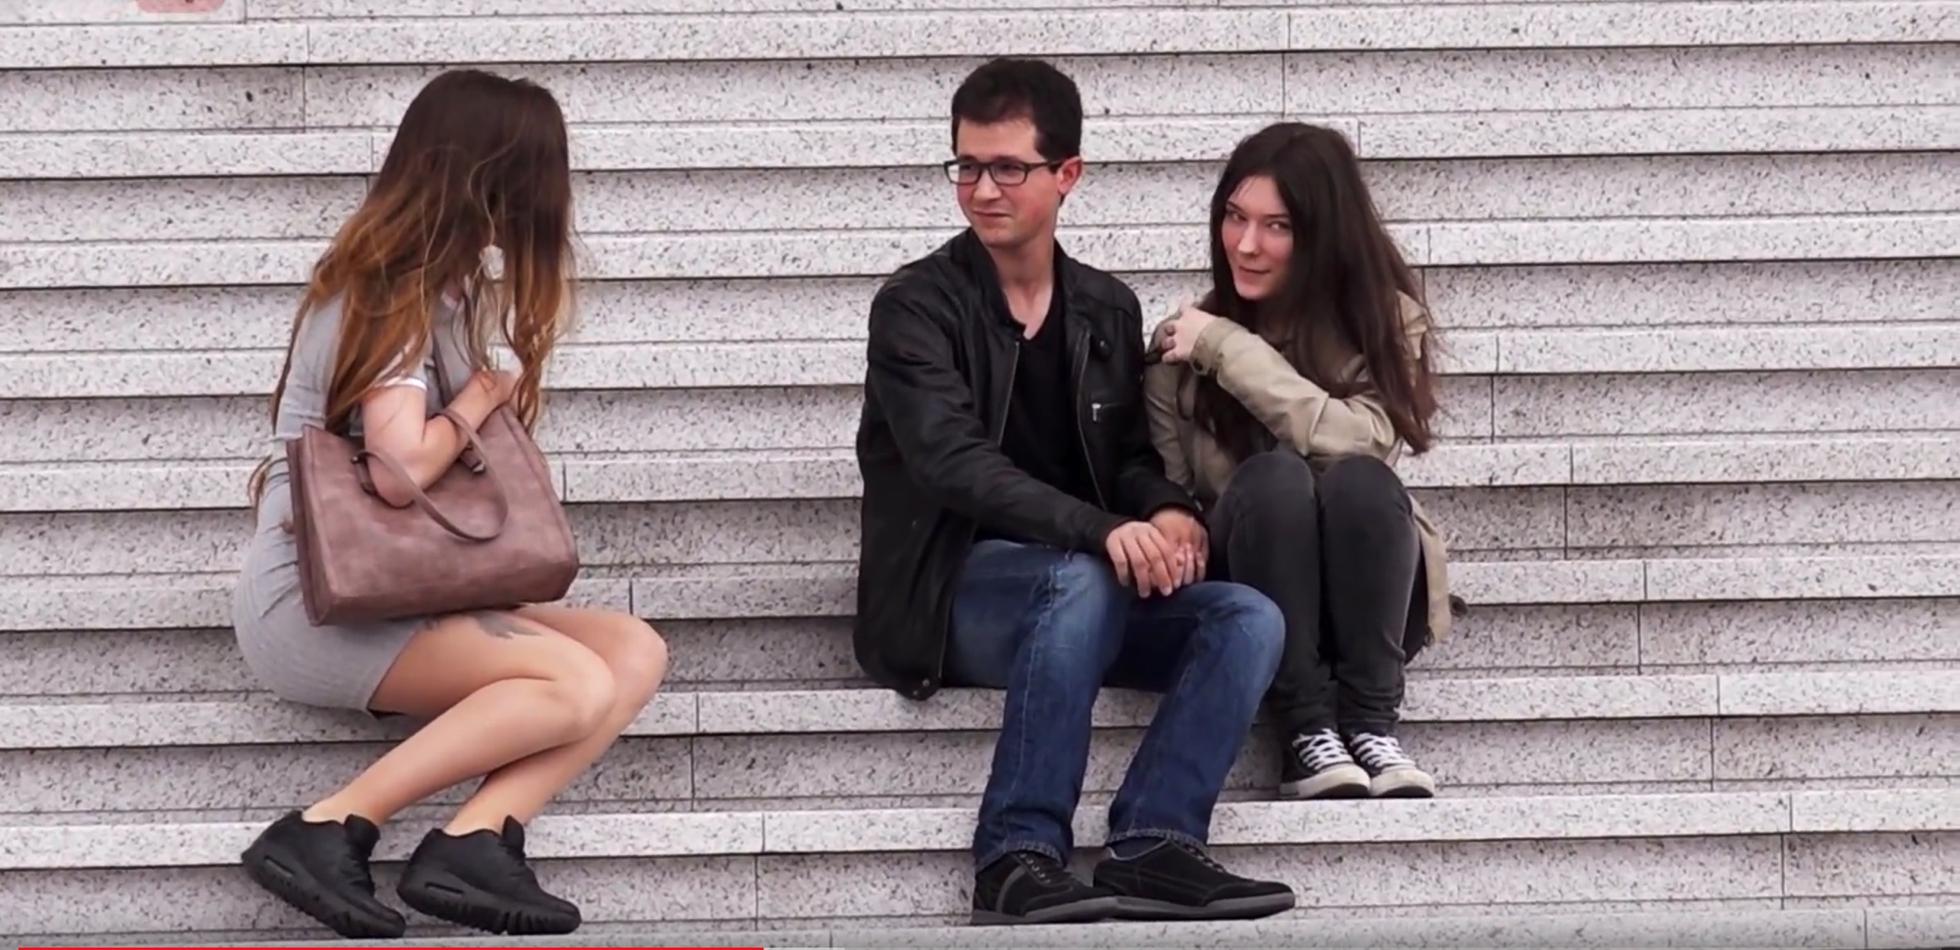 jouir sur caméra cachée lesbienne catfight se transforme en sexe